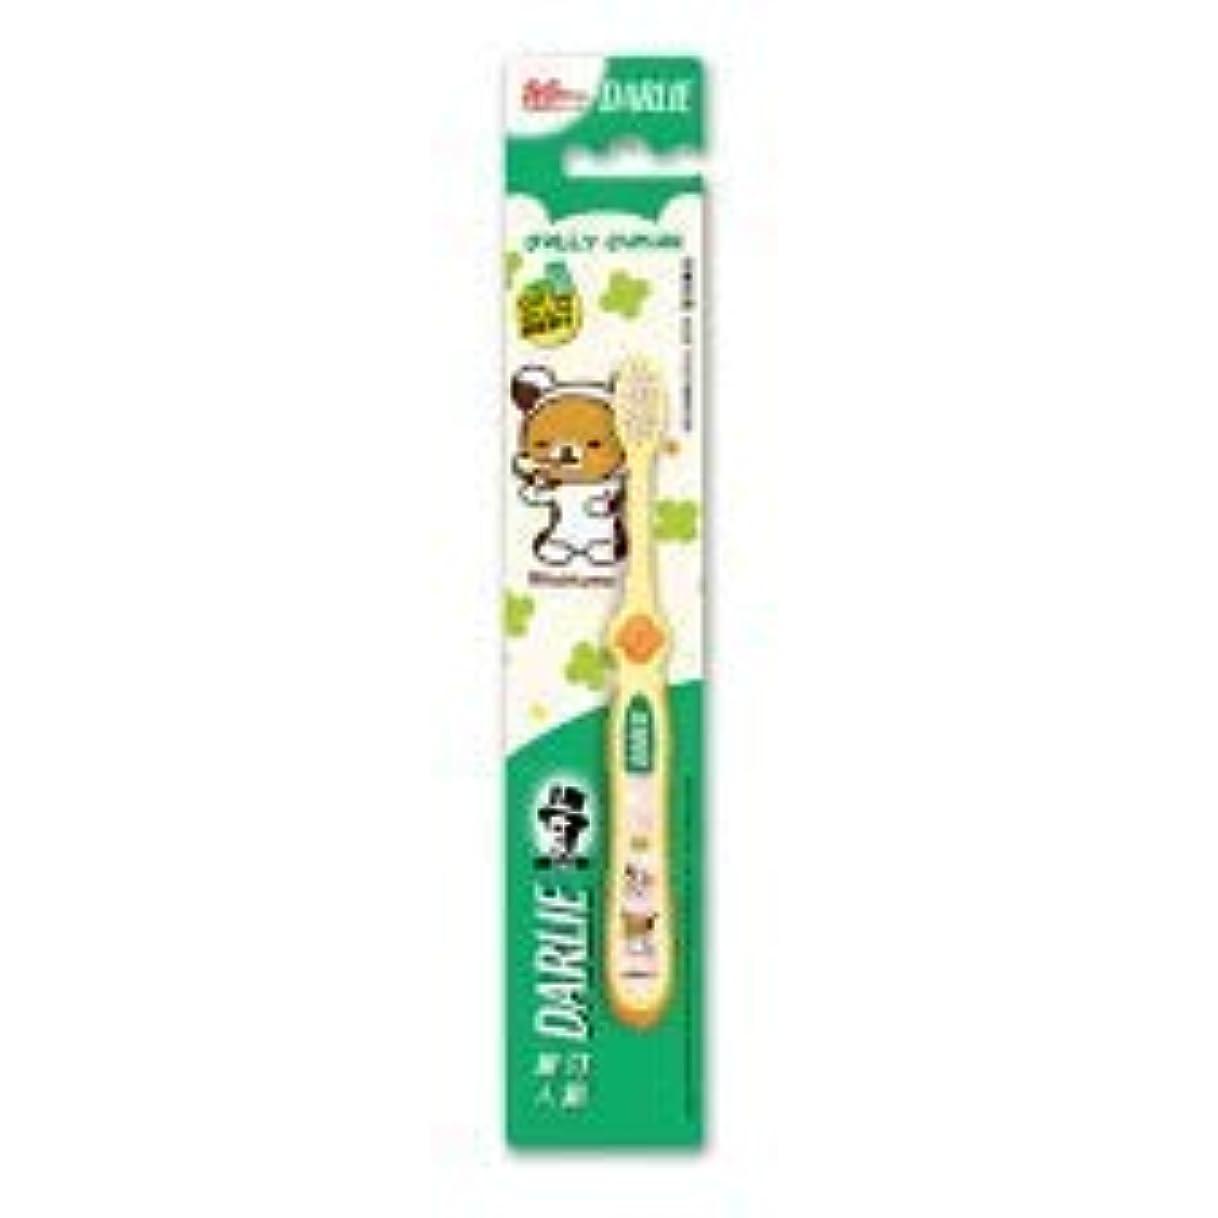 事前に慎重に棚DARLIE メリージュニア2-6歳歯ブラシ - ジェントル歯茎と歯のエナメル質は良好な洗浄を持っています